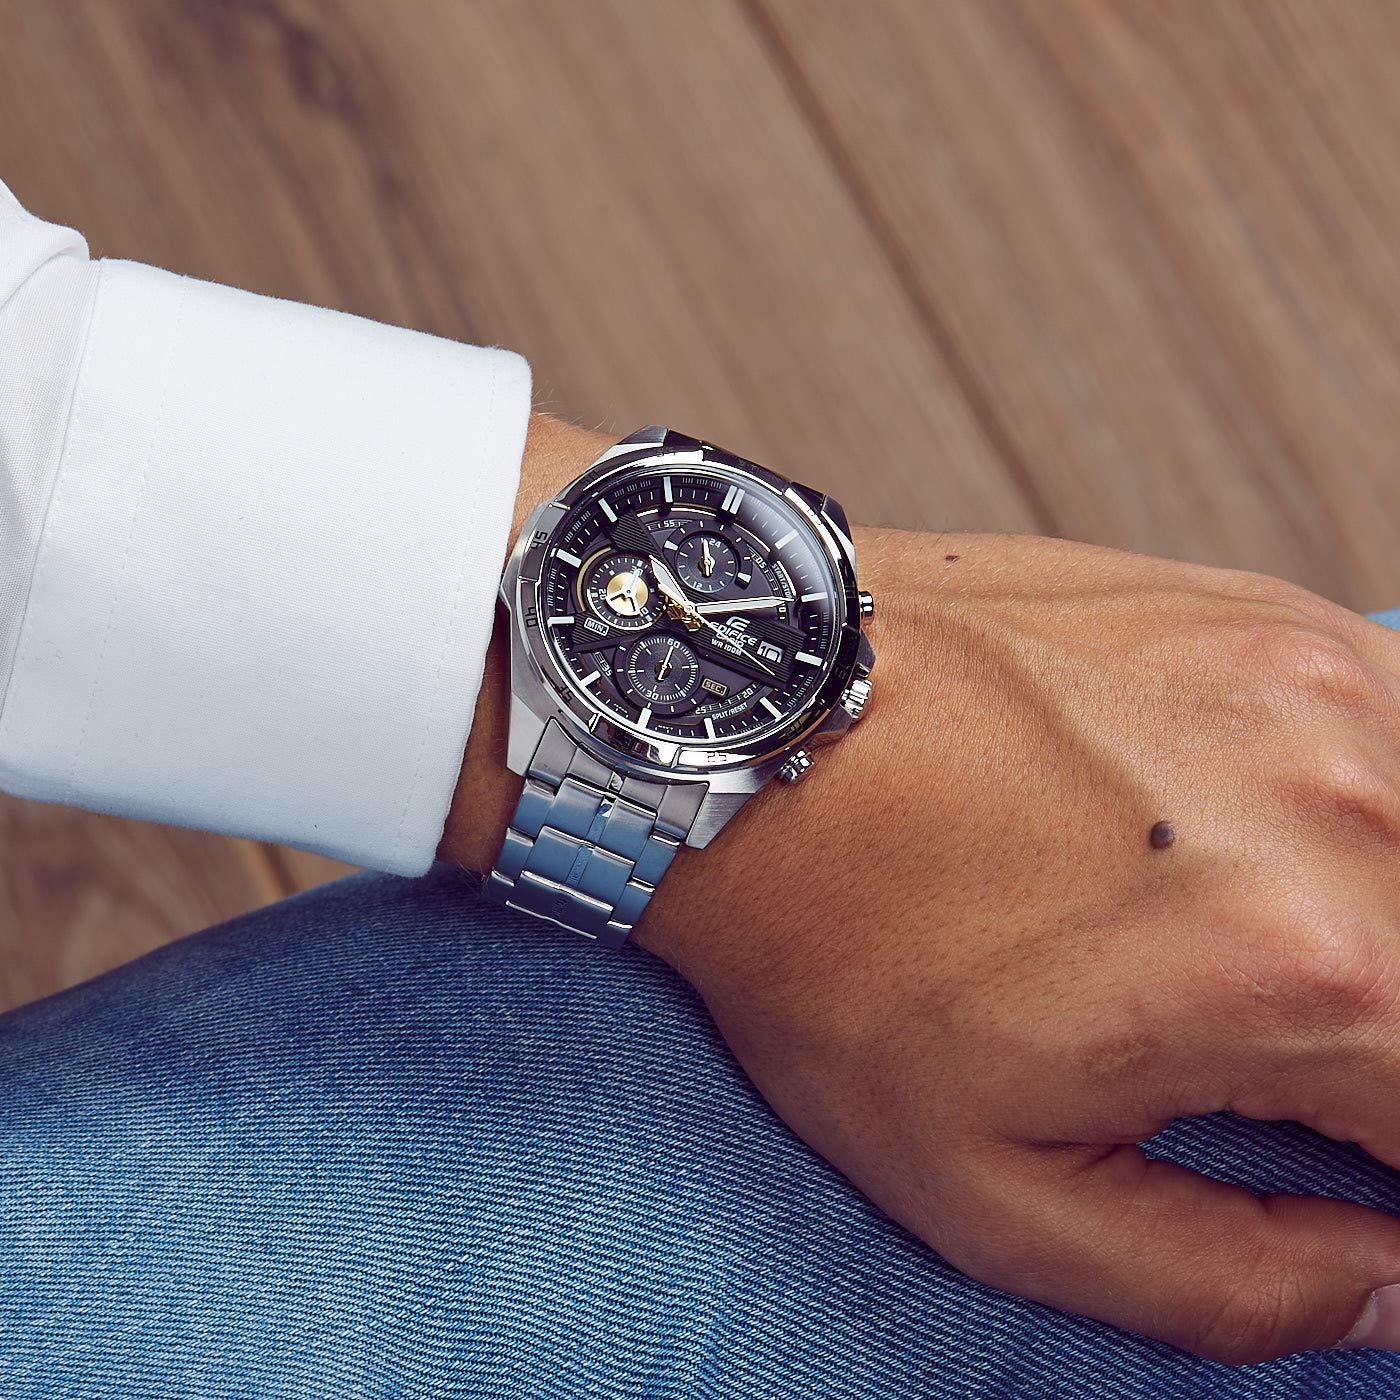 De Pulsera 1avuef 556d Efr Reloj Casio u1K3cTlFJ